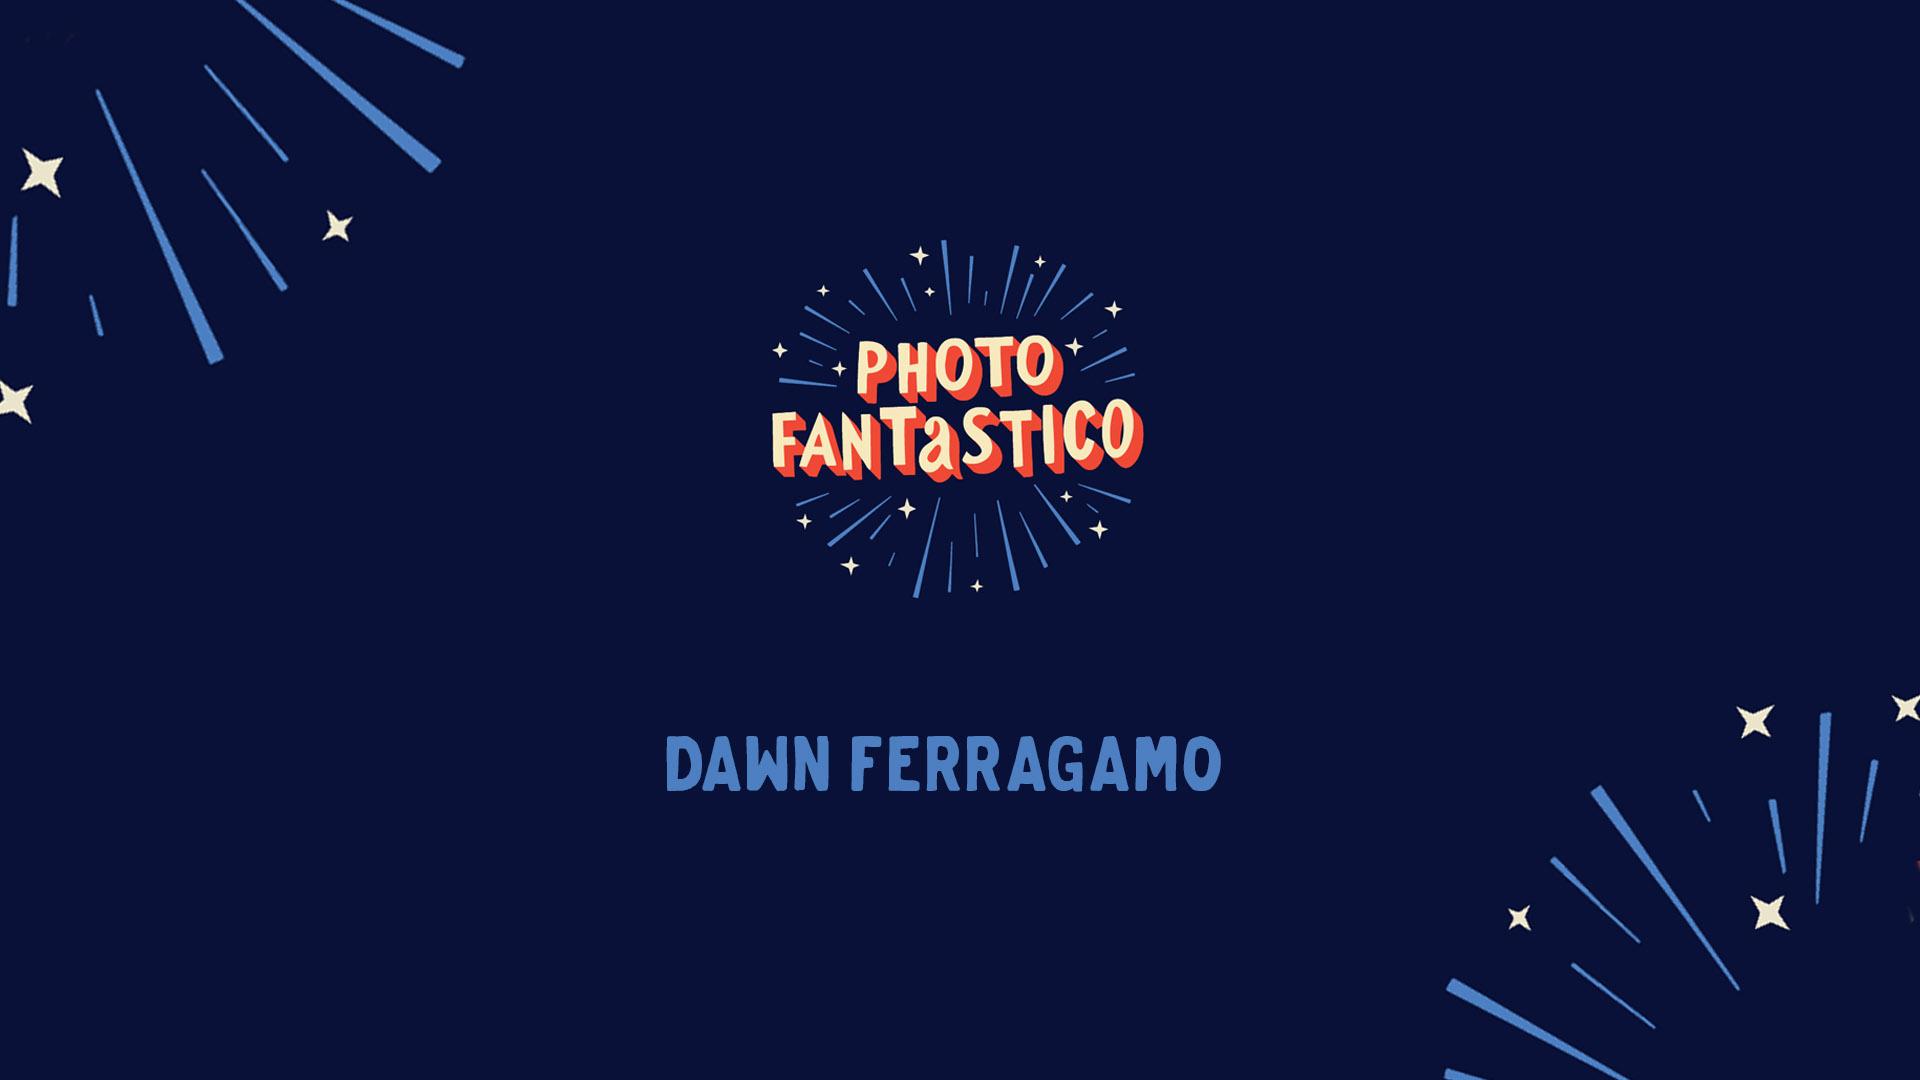 Dawn Ferragamo